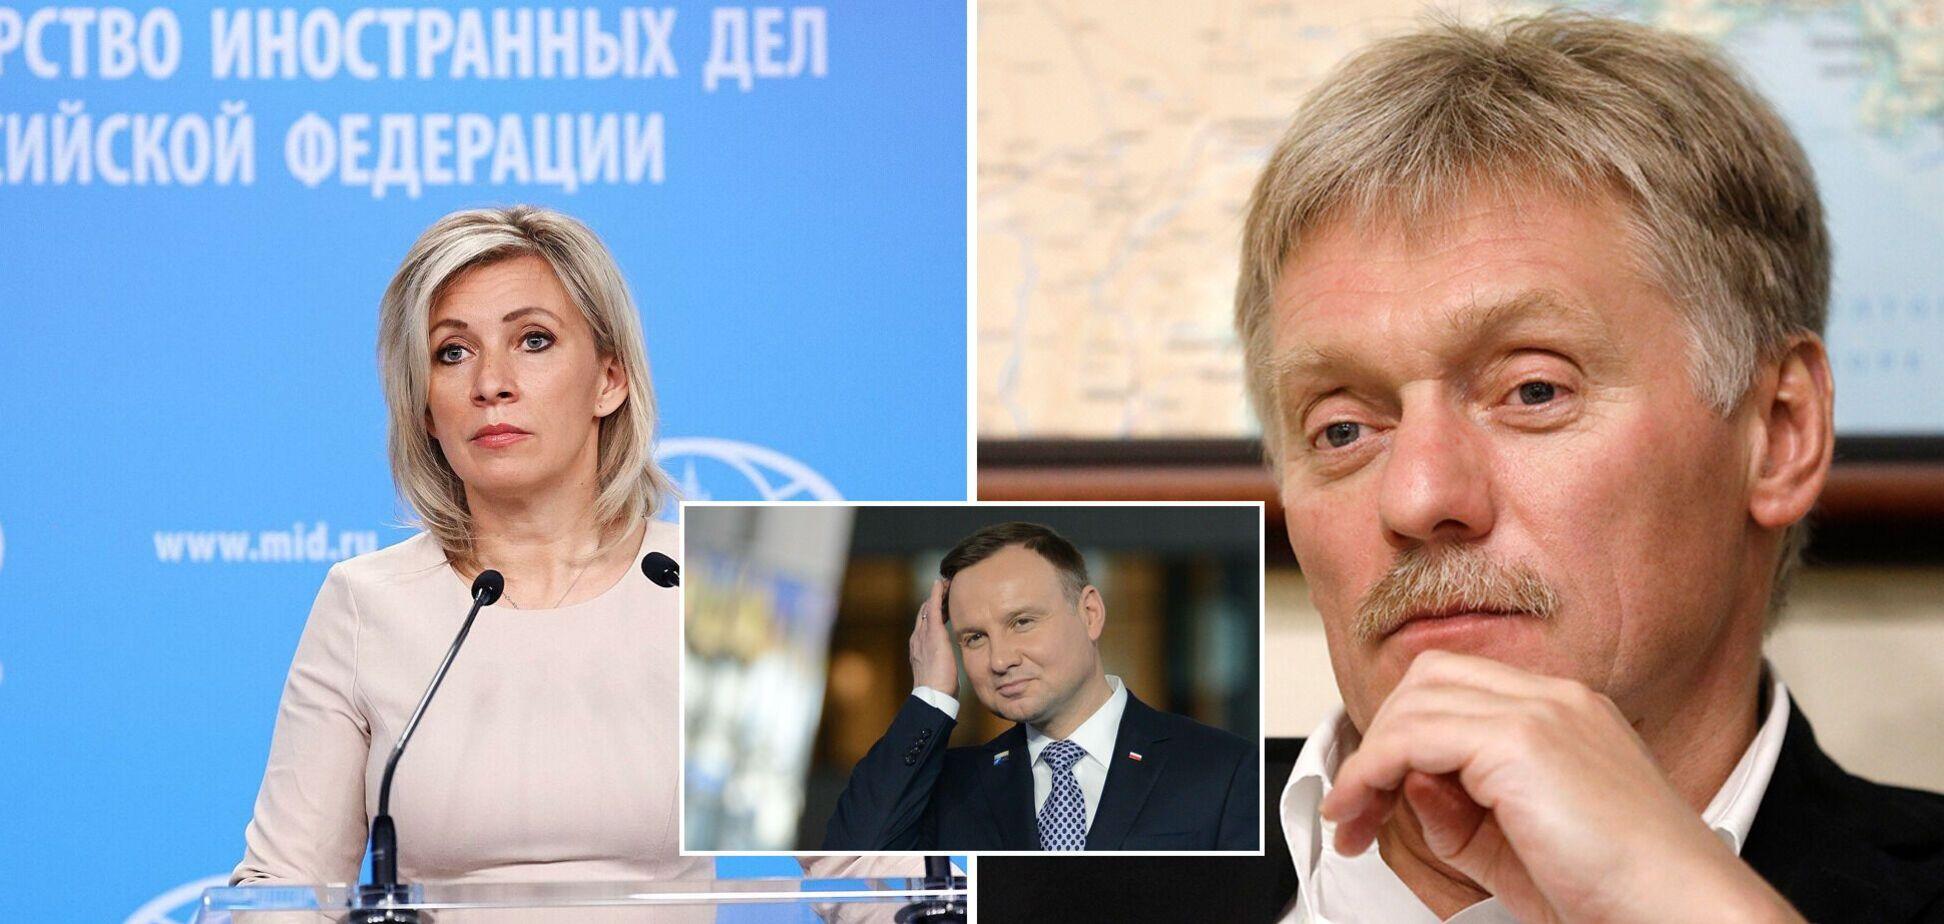 У Путина ответили Дуде на 'ненормальную Россию'